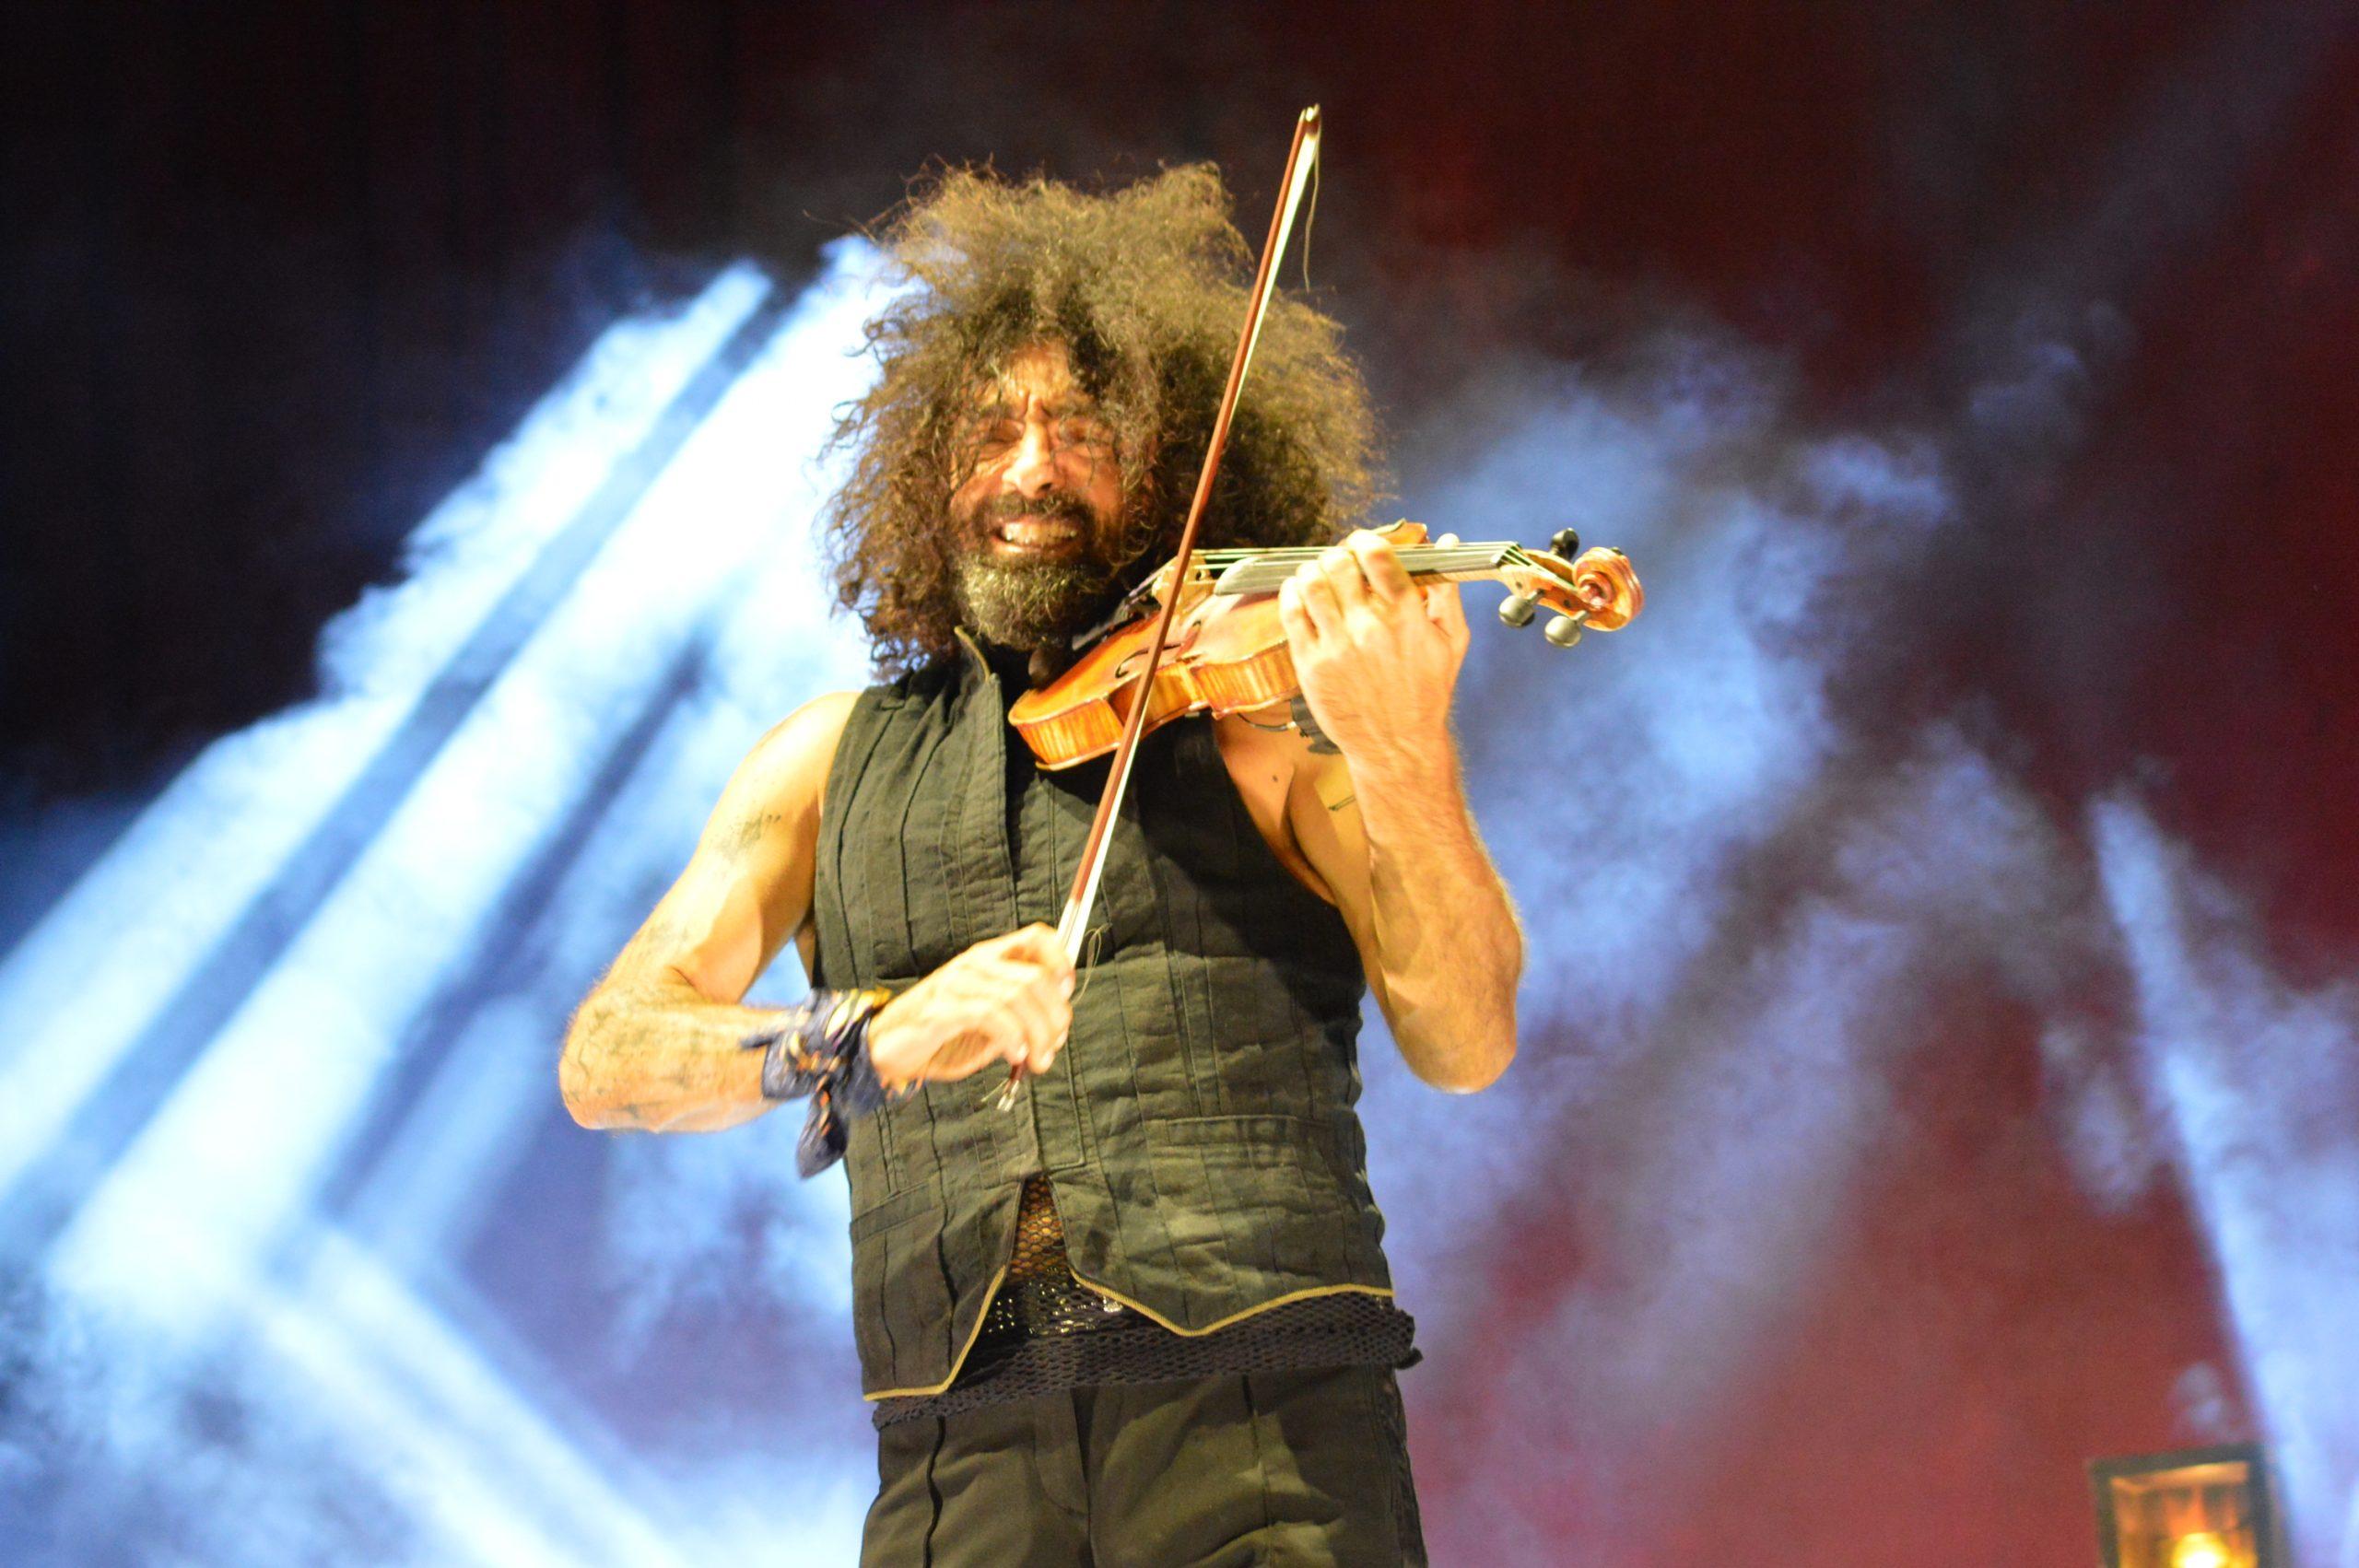 Ara Malikian emociona en su regreso a Ponferrada demostrando una vez más su virtuosismo con el violín 1